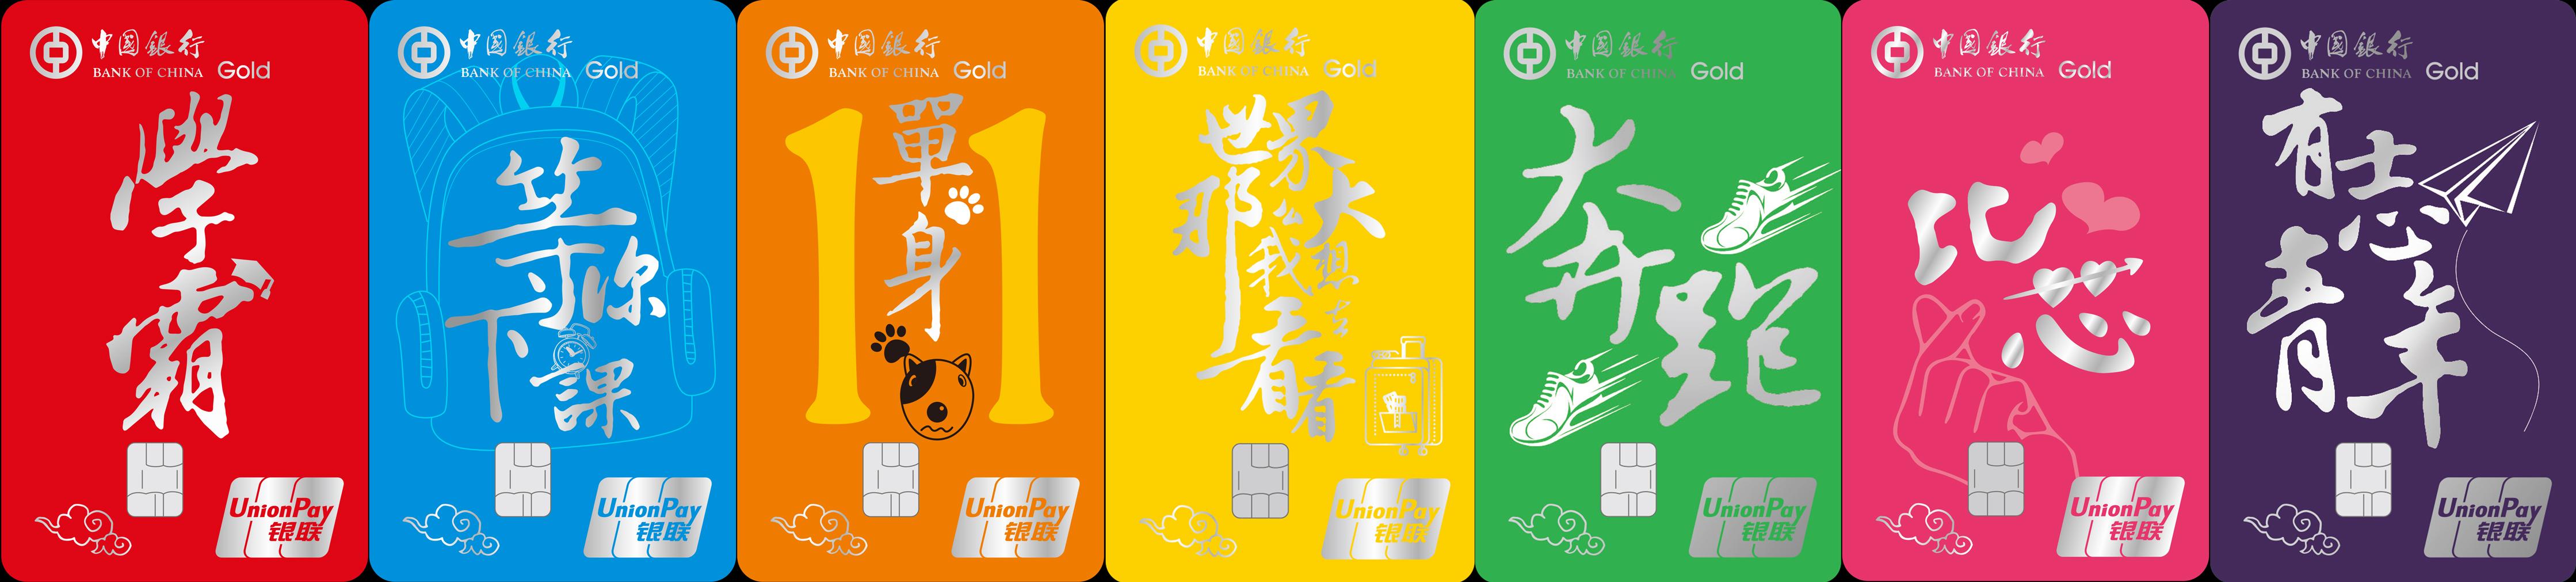 中国银行大学生信用卡权益(18年下半年)